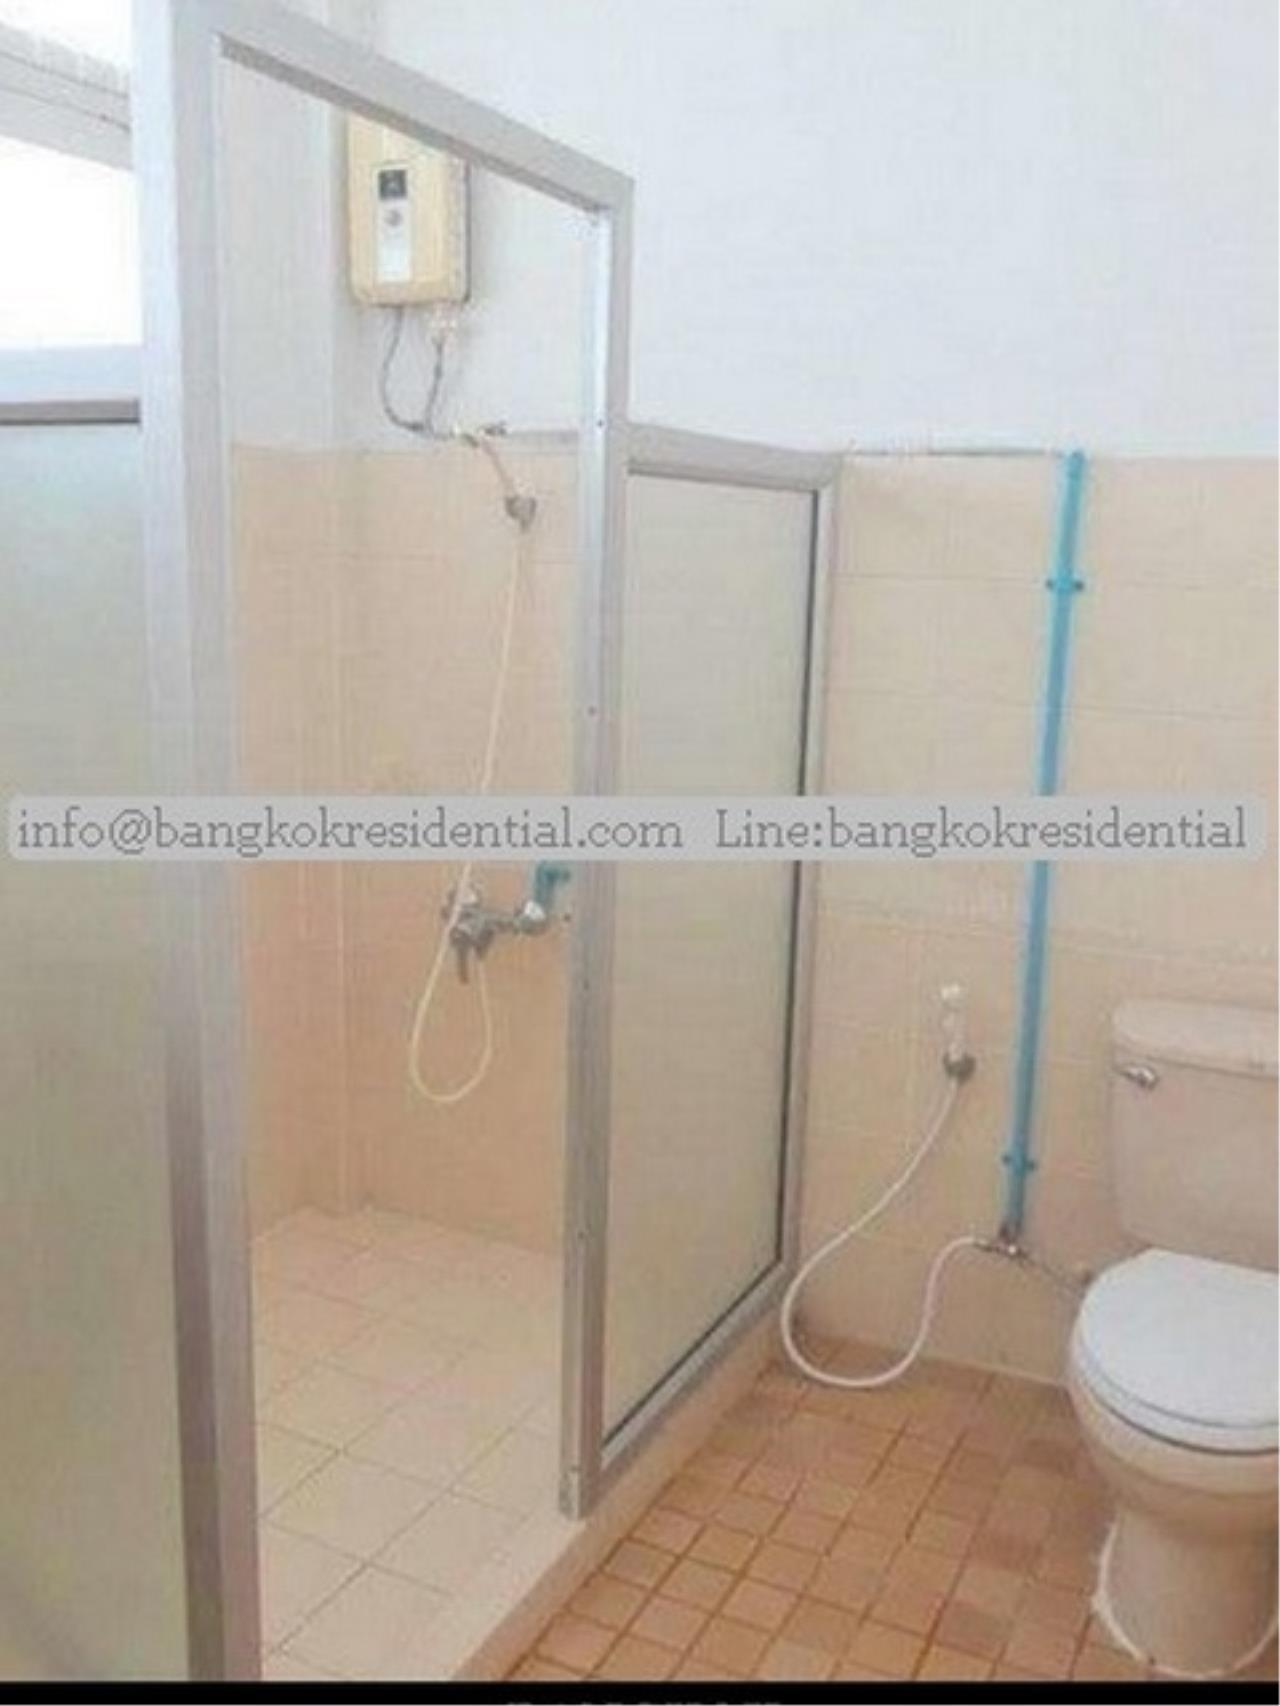 Bangkok Residential Agency's 4BR Single House For Rent (BR8060SH) 7